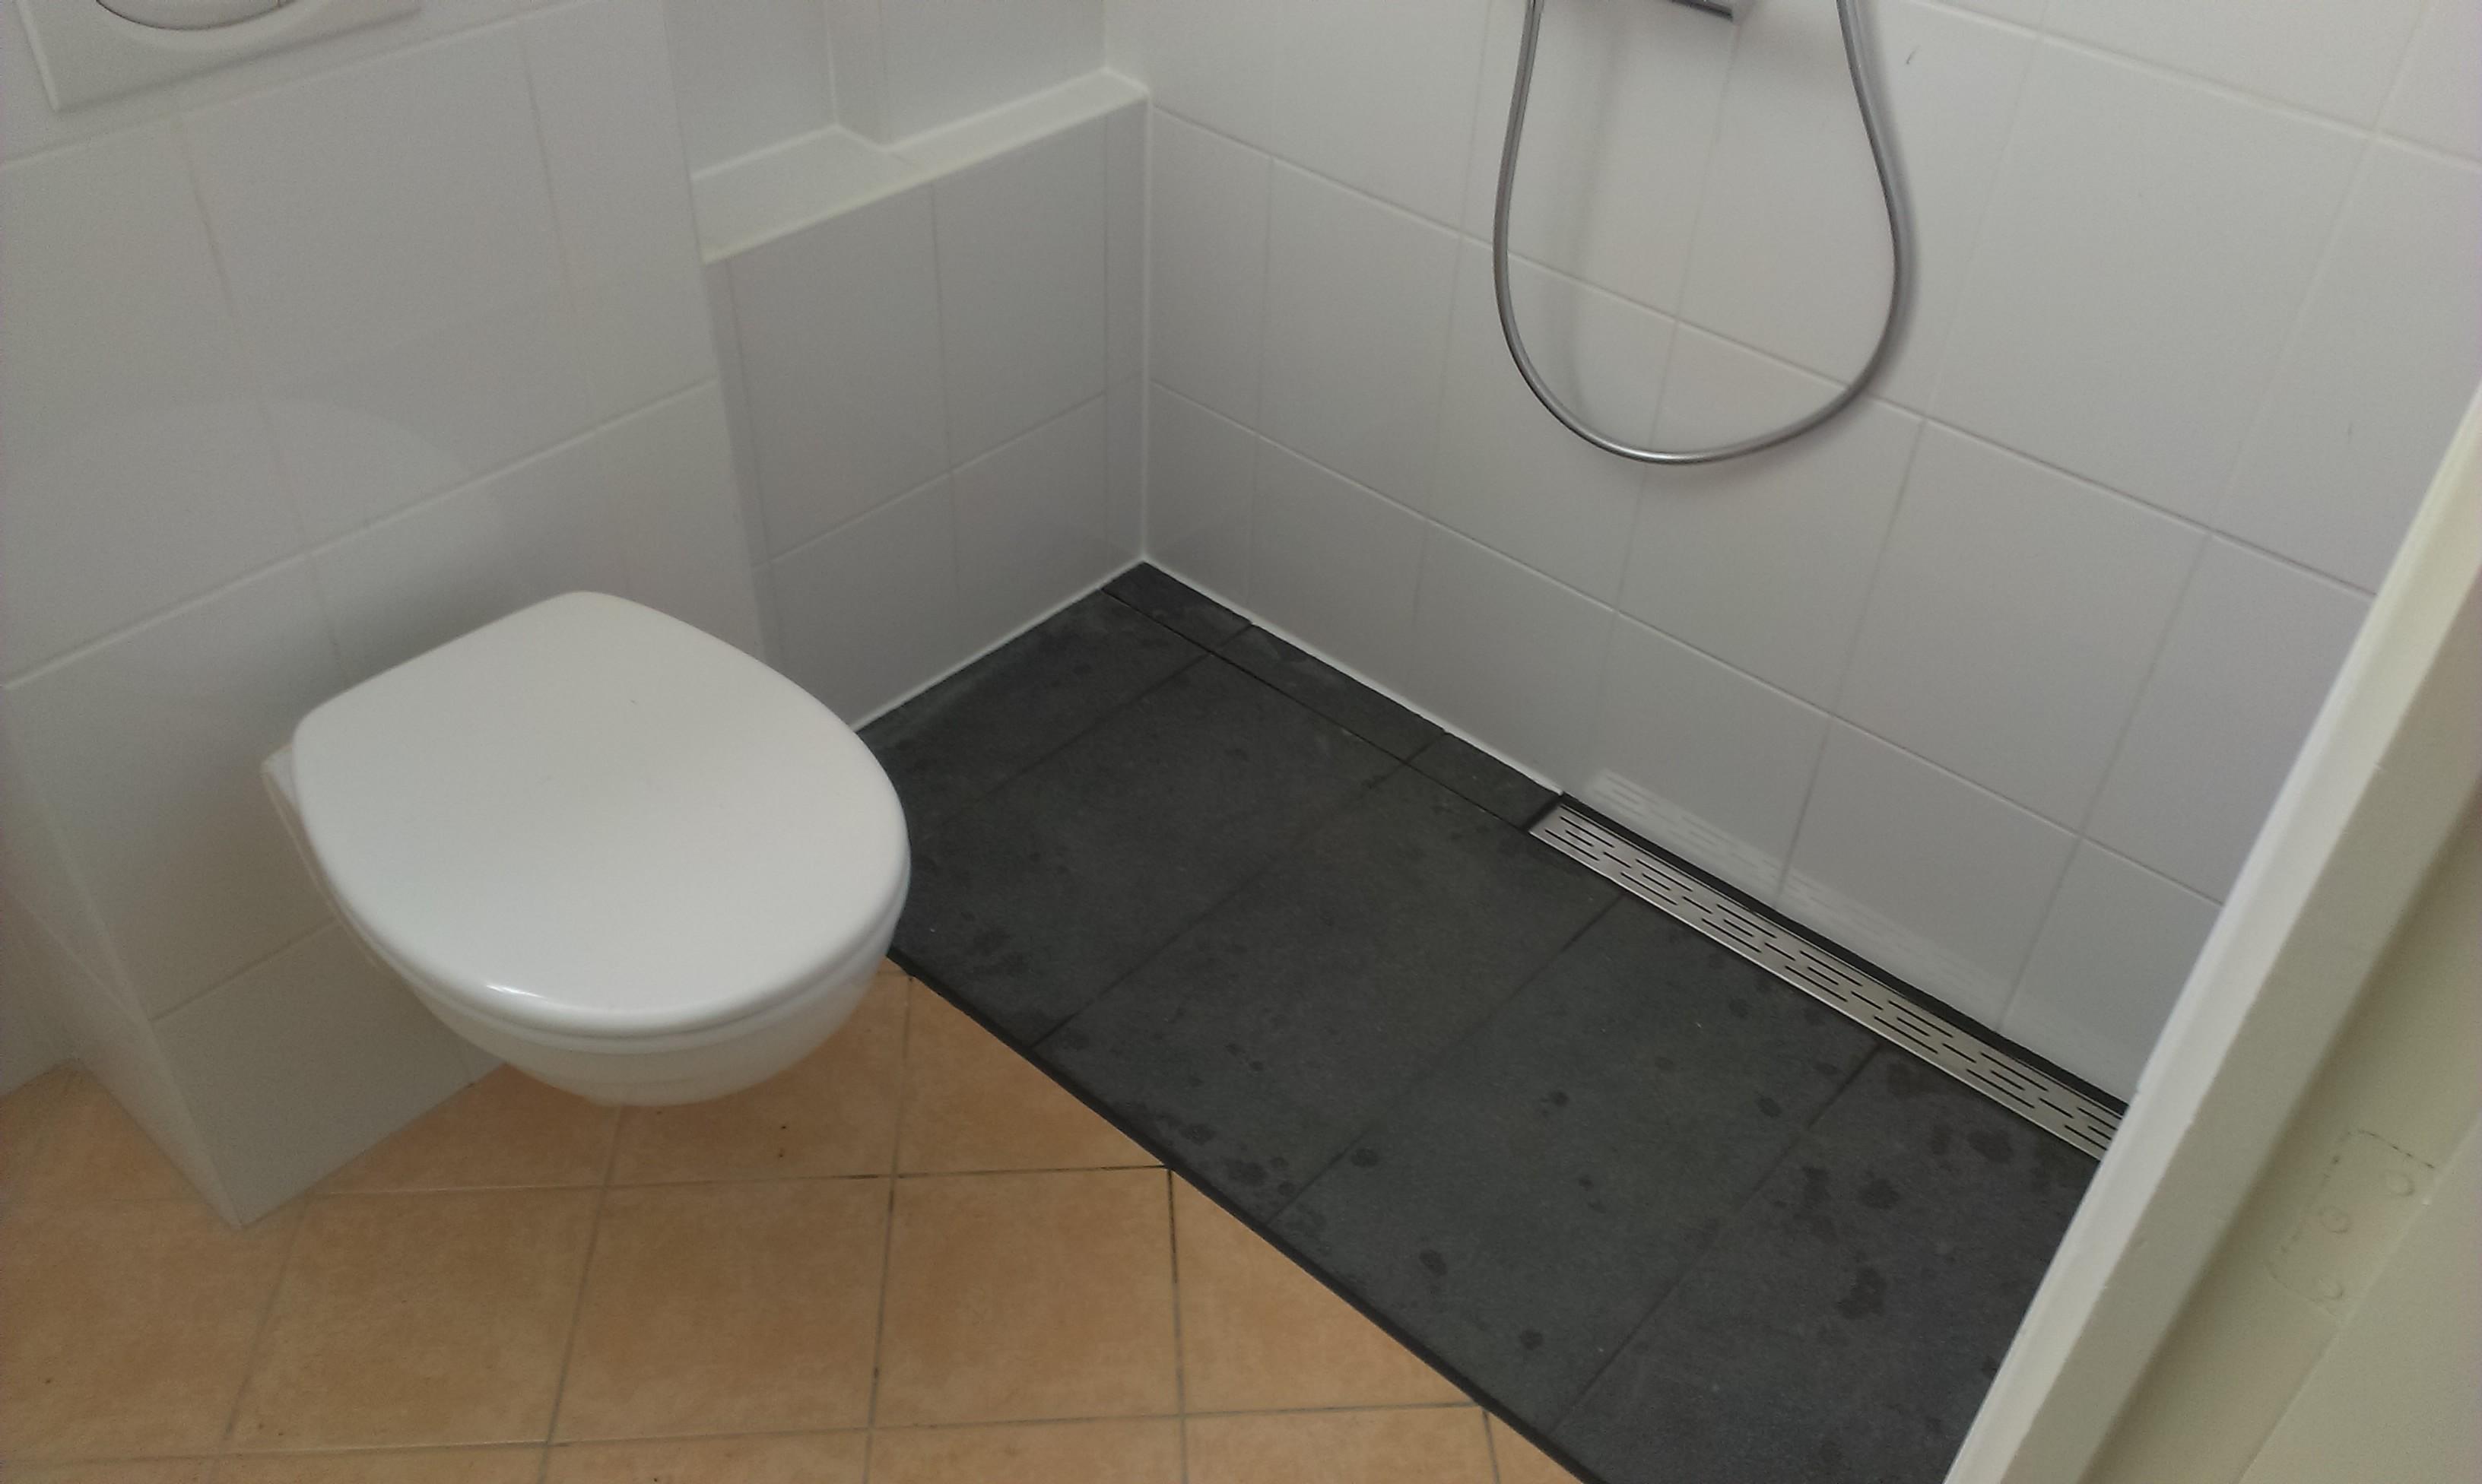 Mini badkamer inrichten - Badkamer renovatie m ...